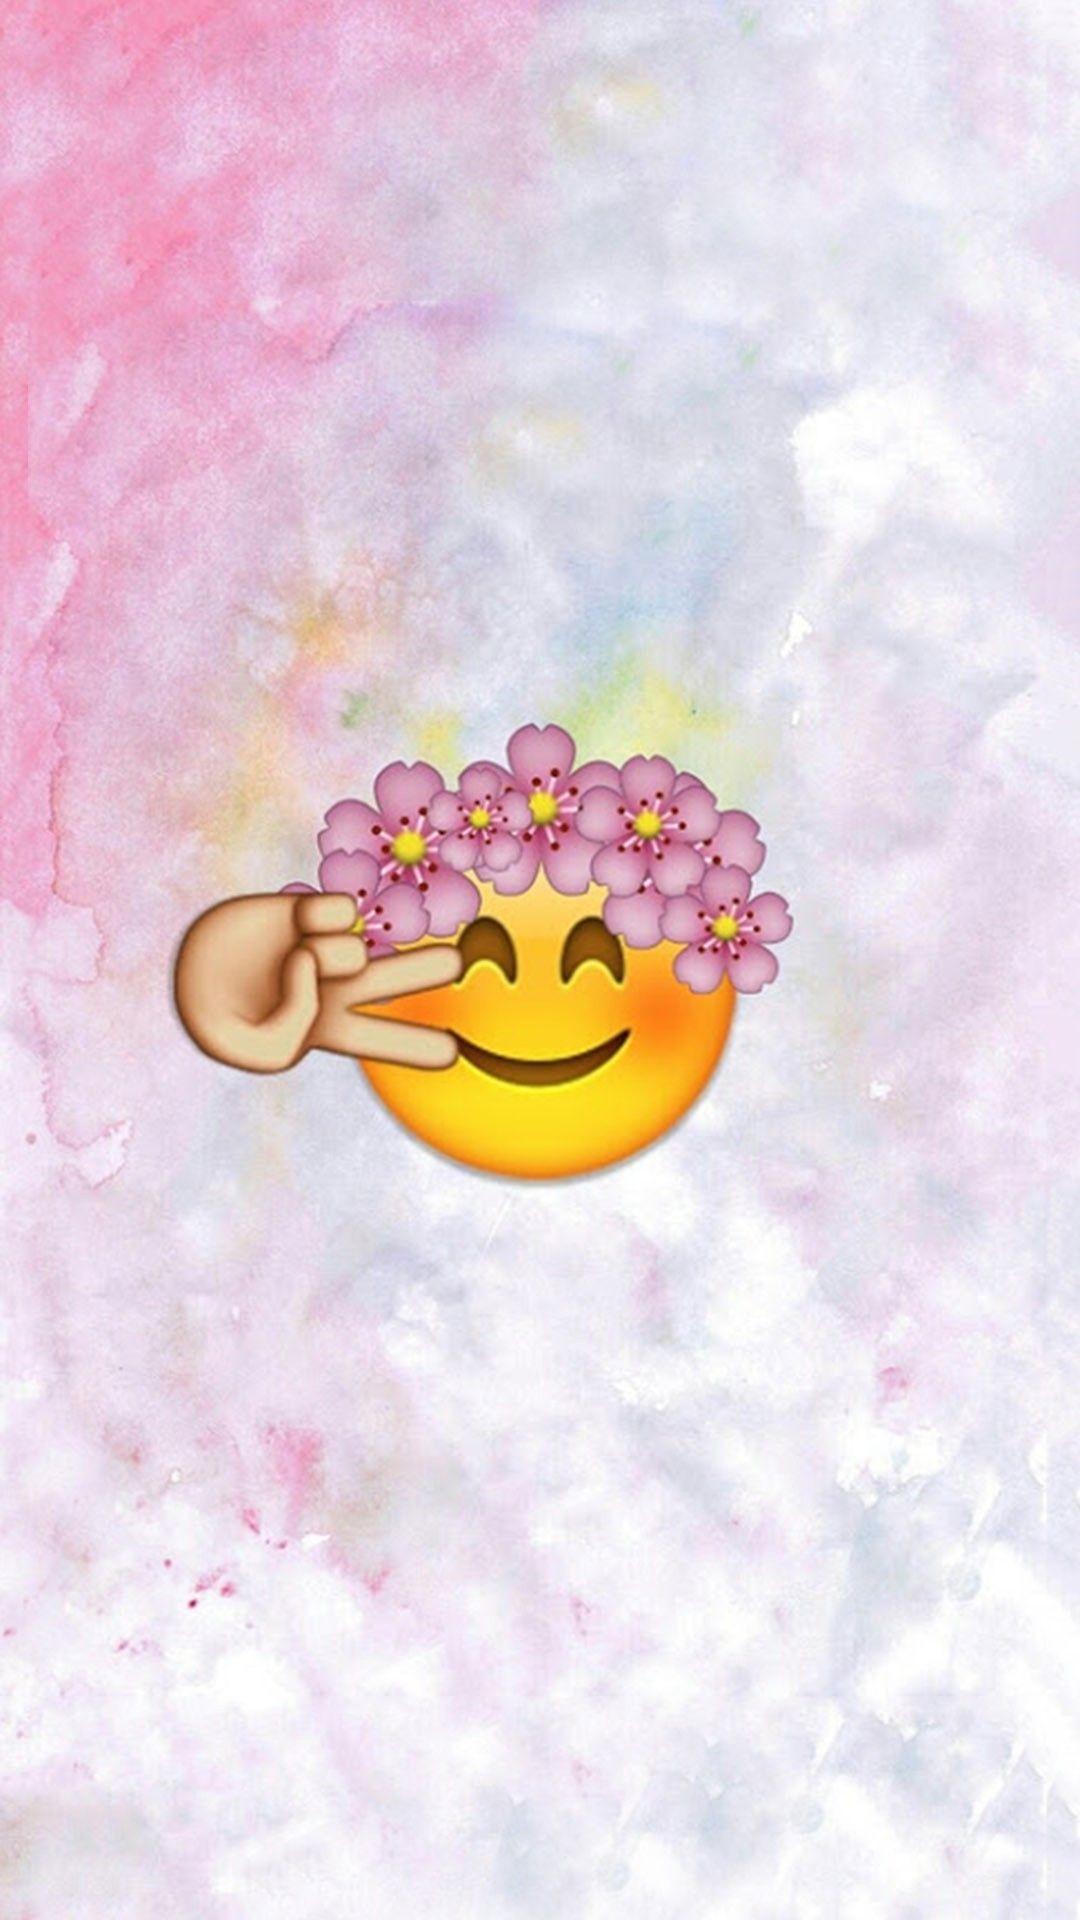 1080x1920, Emoji Wallpaper, Wallpaper For Iphone, Cute ...